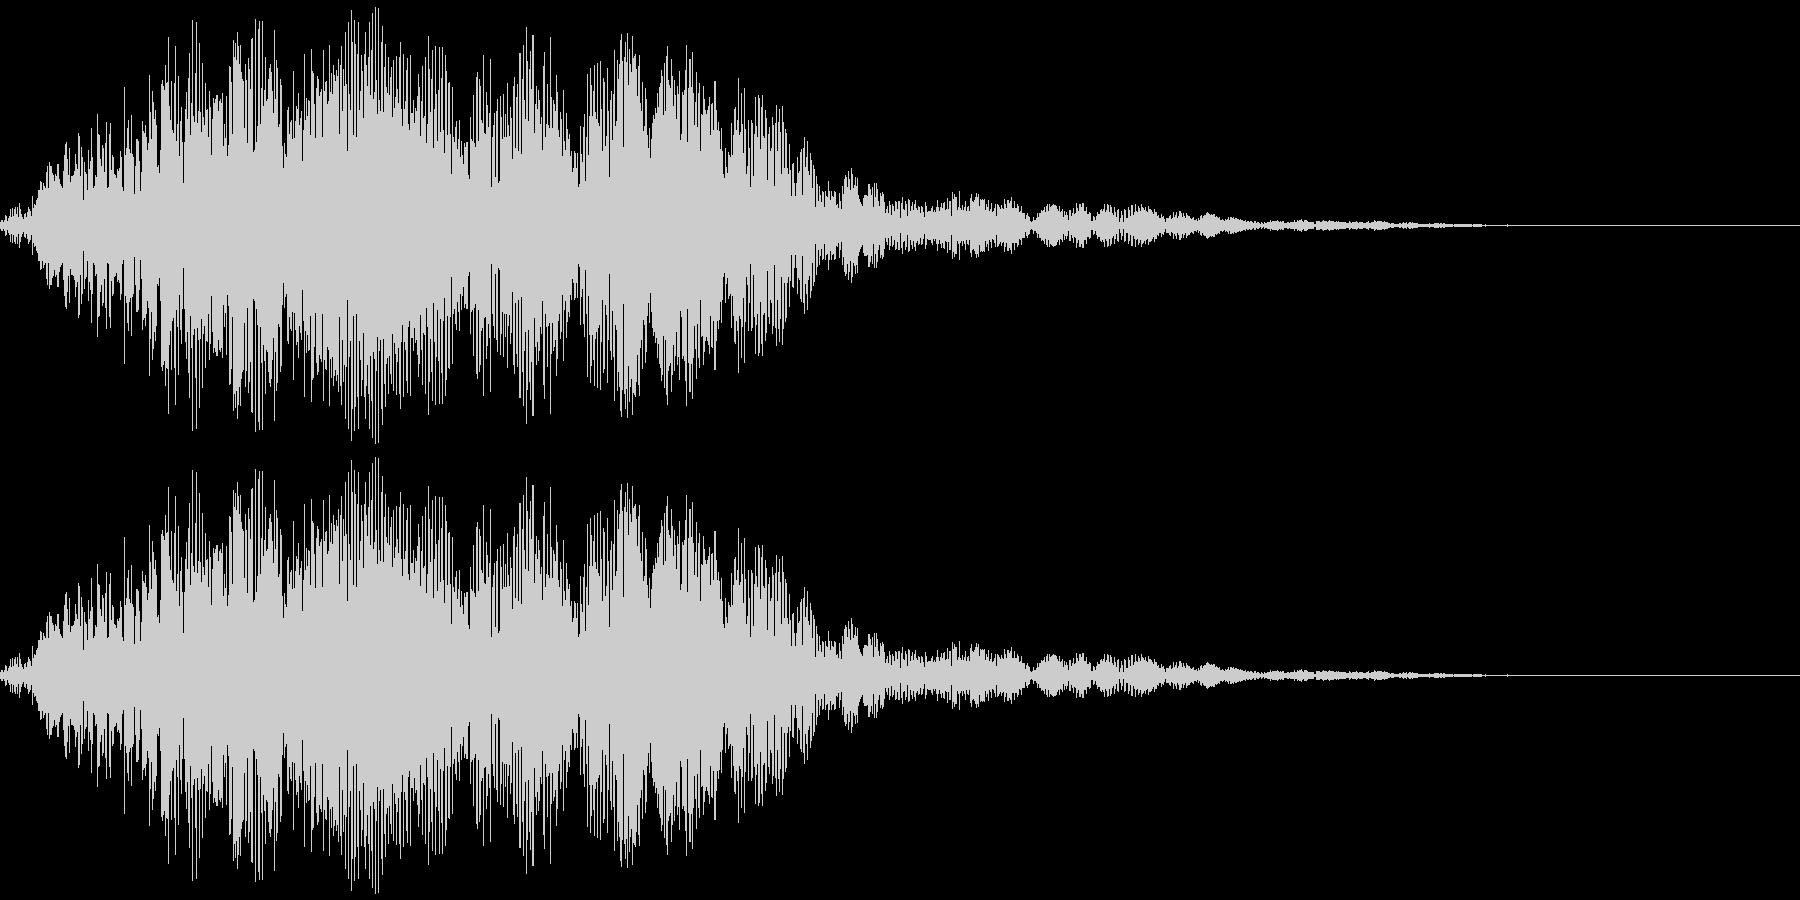 ヲォーーー(合唱風)の未再生の波形